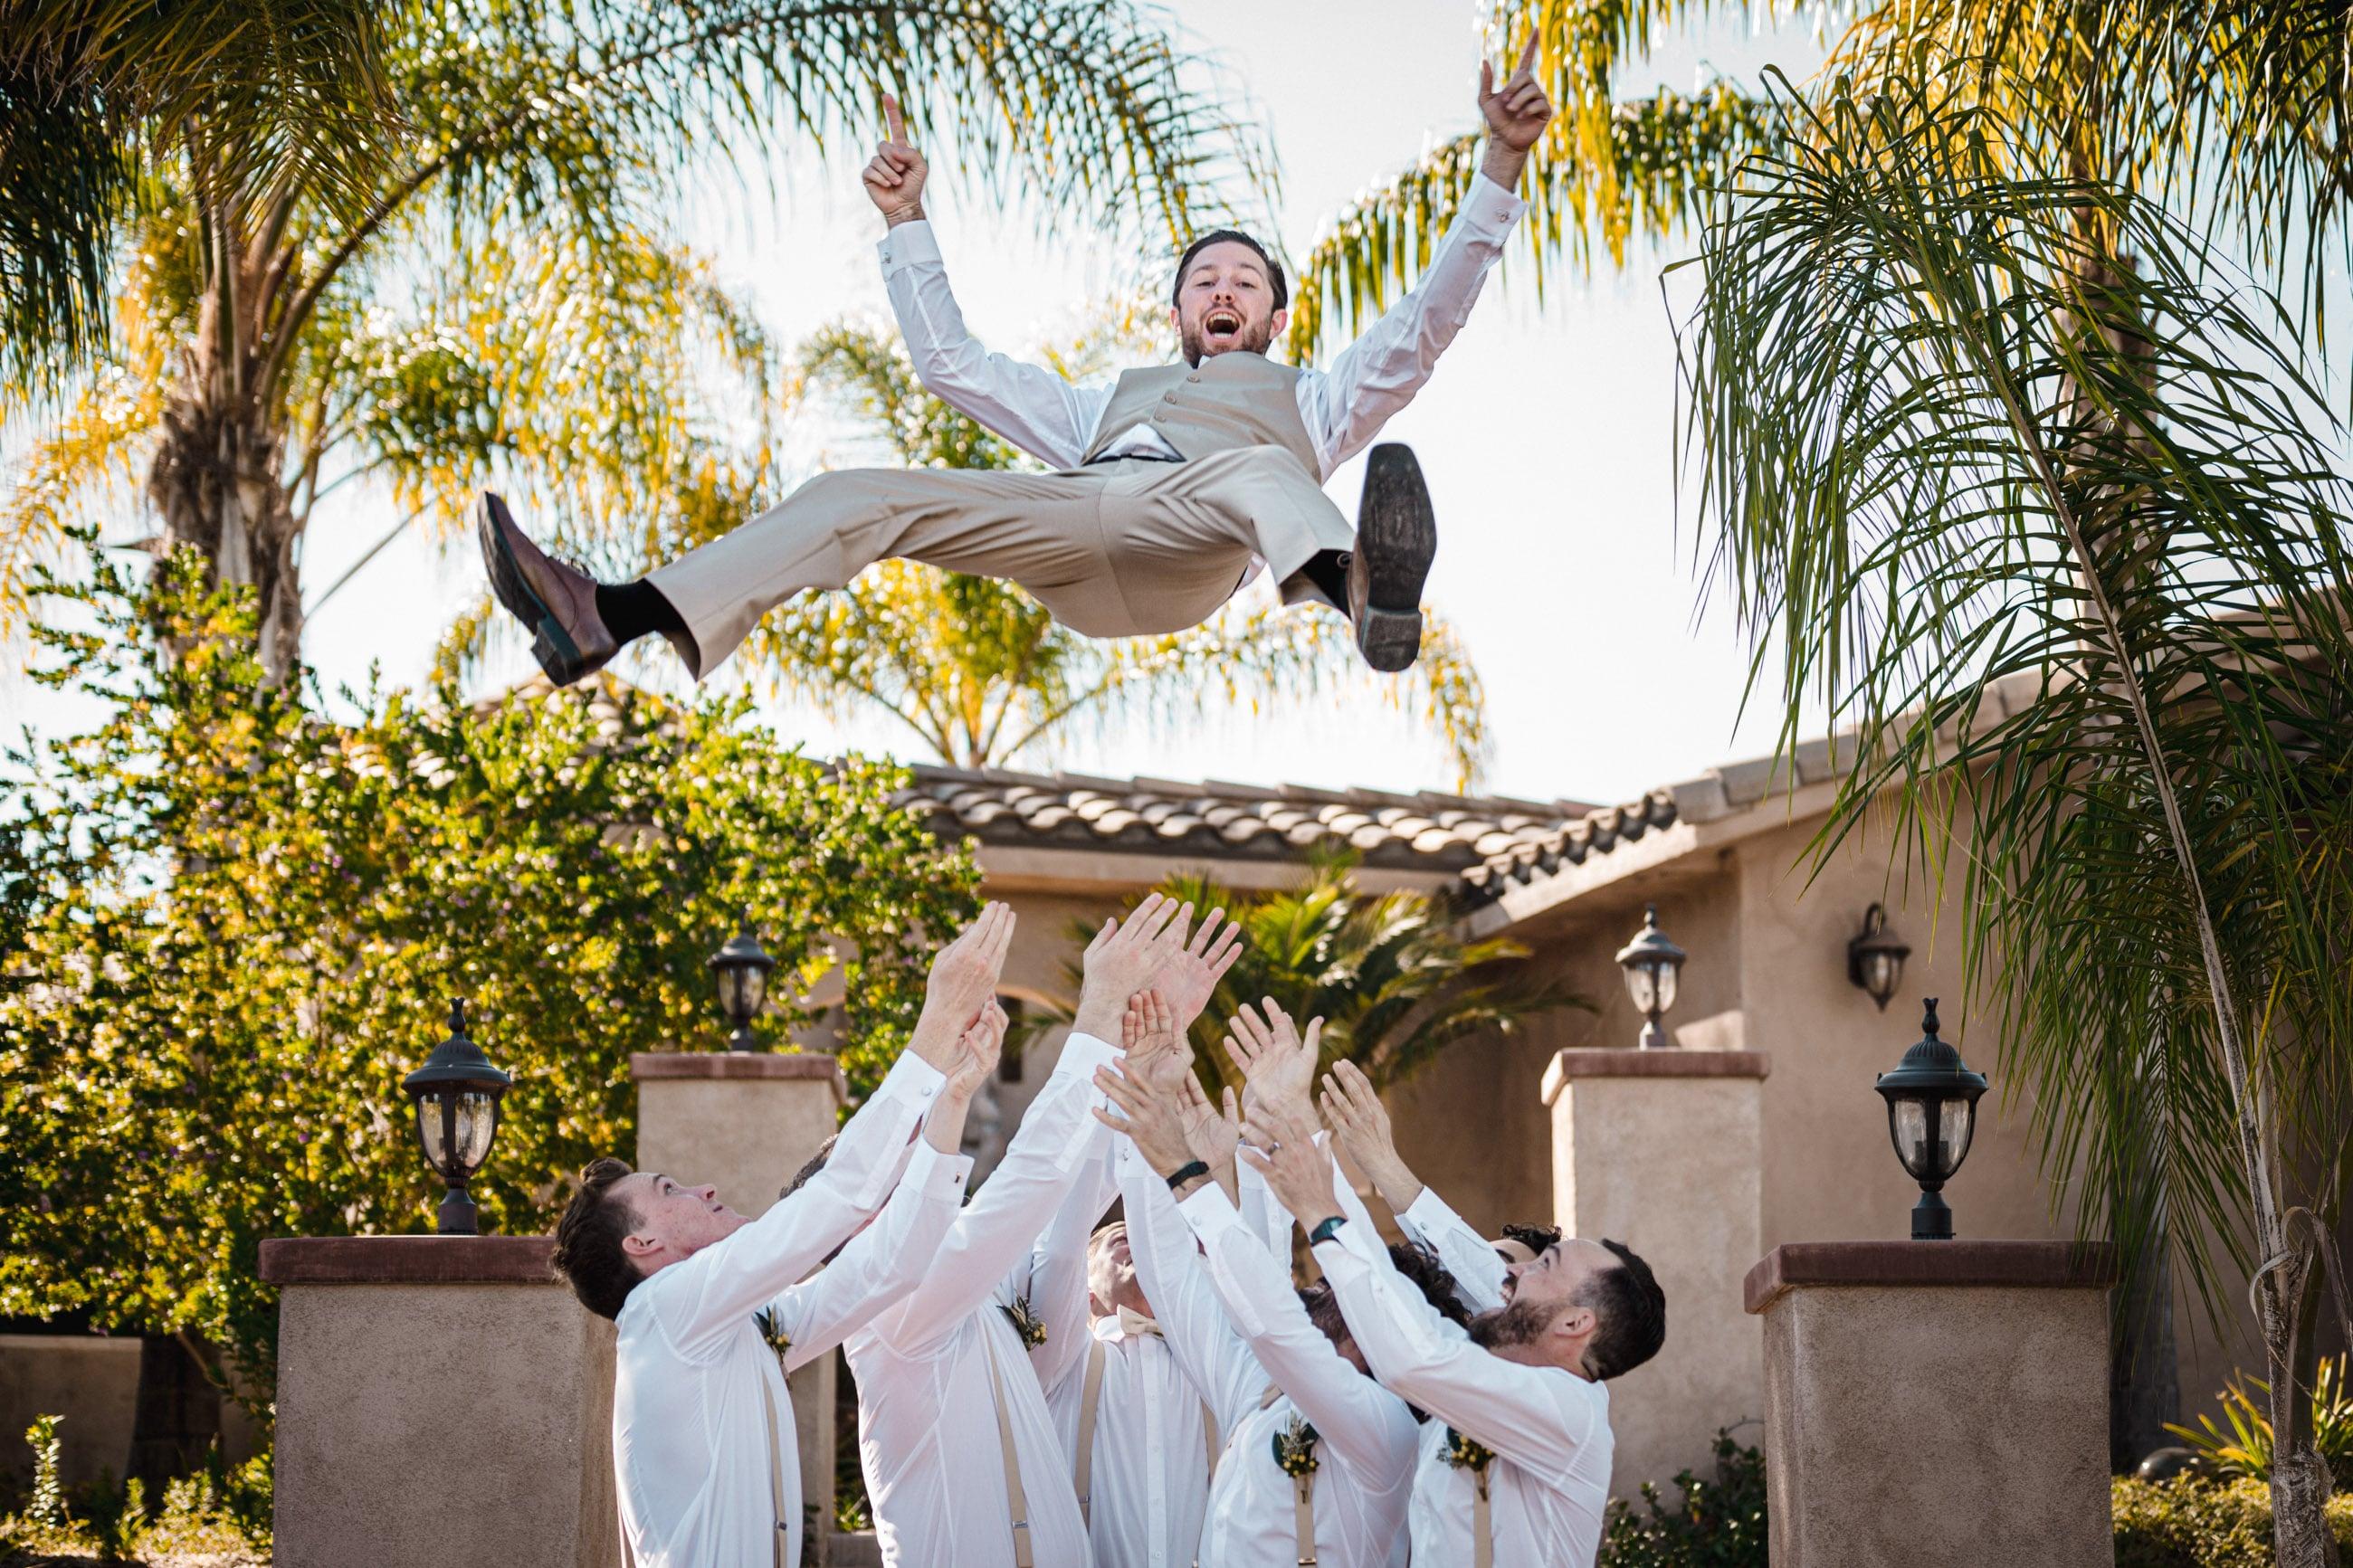 groom thrown in the air by groomsmen fun